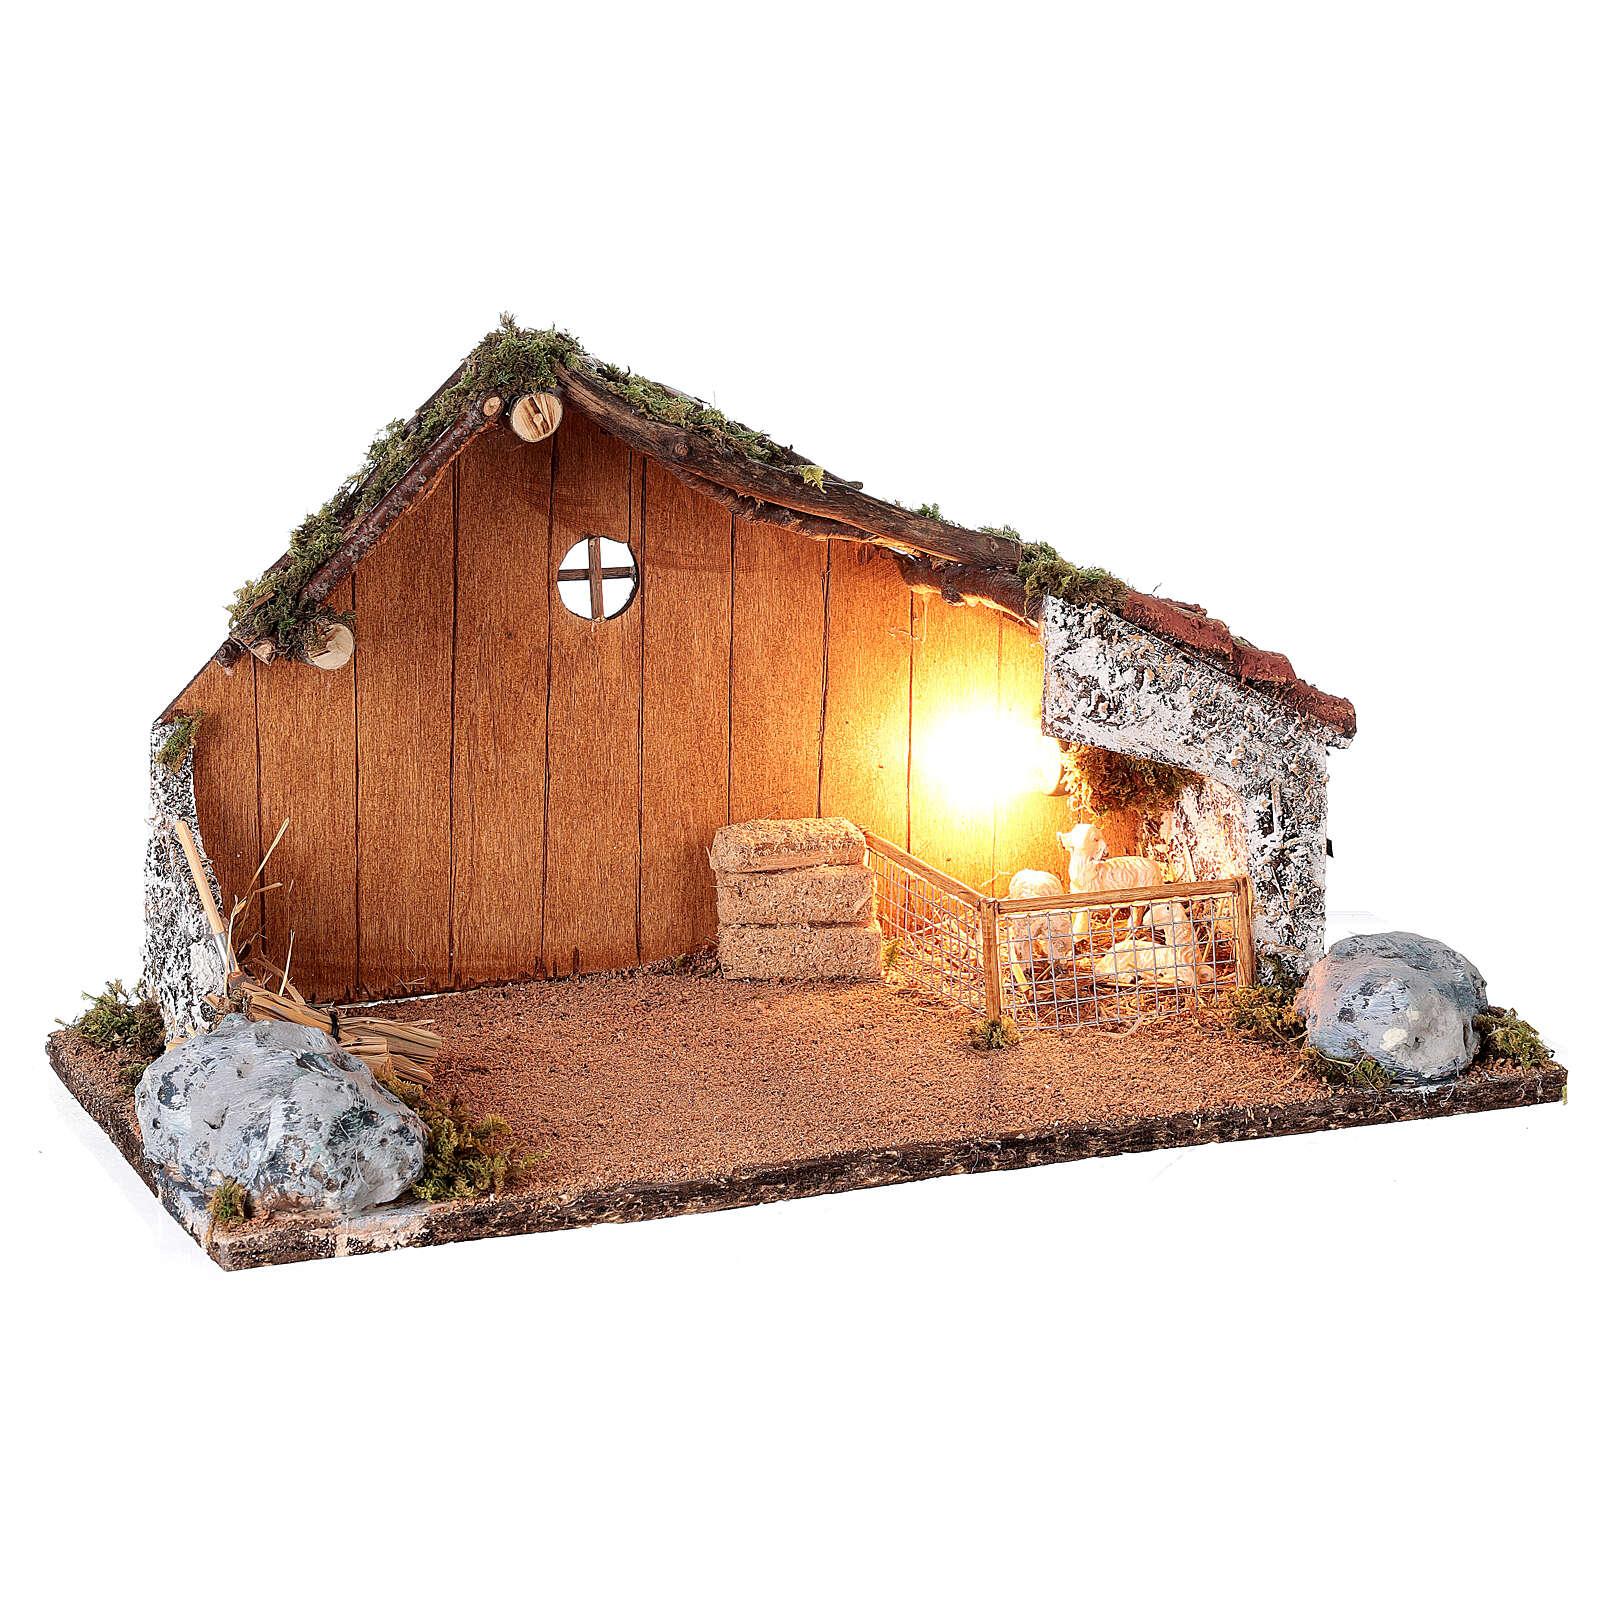 Cabana com redil de ovelhas cenário presépio napolitano figuras altura média 8-10 cm; medidas: 22x38x20 cm 4